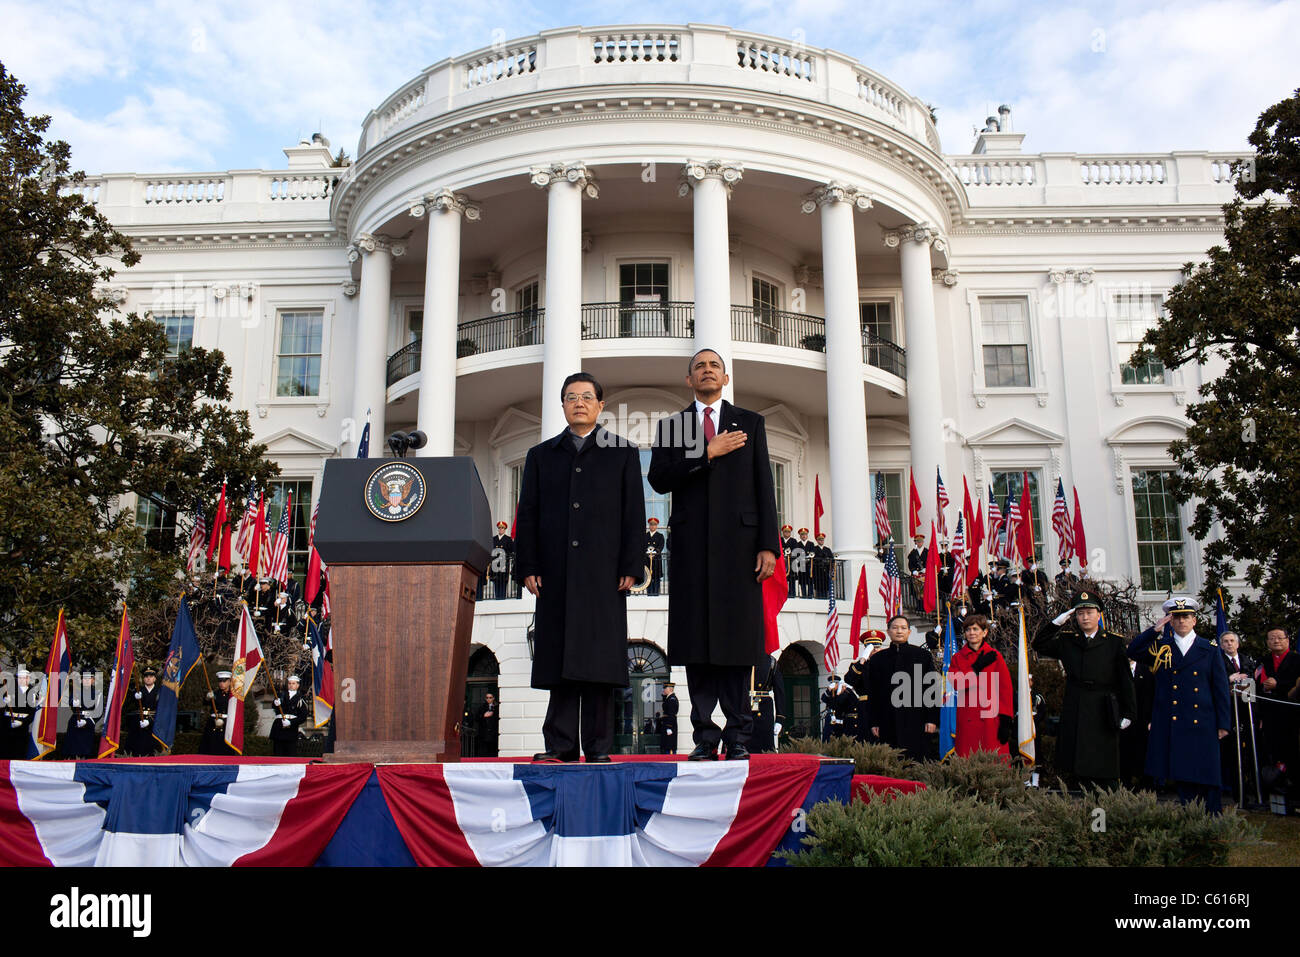 Willkommenszeremonie für chinesischen Präsidenten Hu Jintao auf dem South Lawn des weißen Hauses. Stockbild